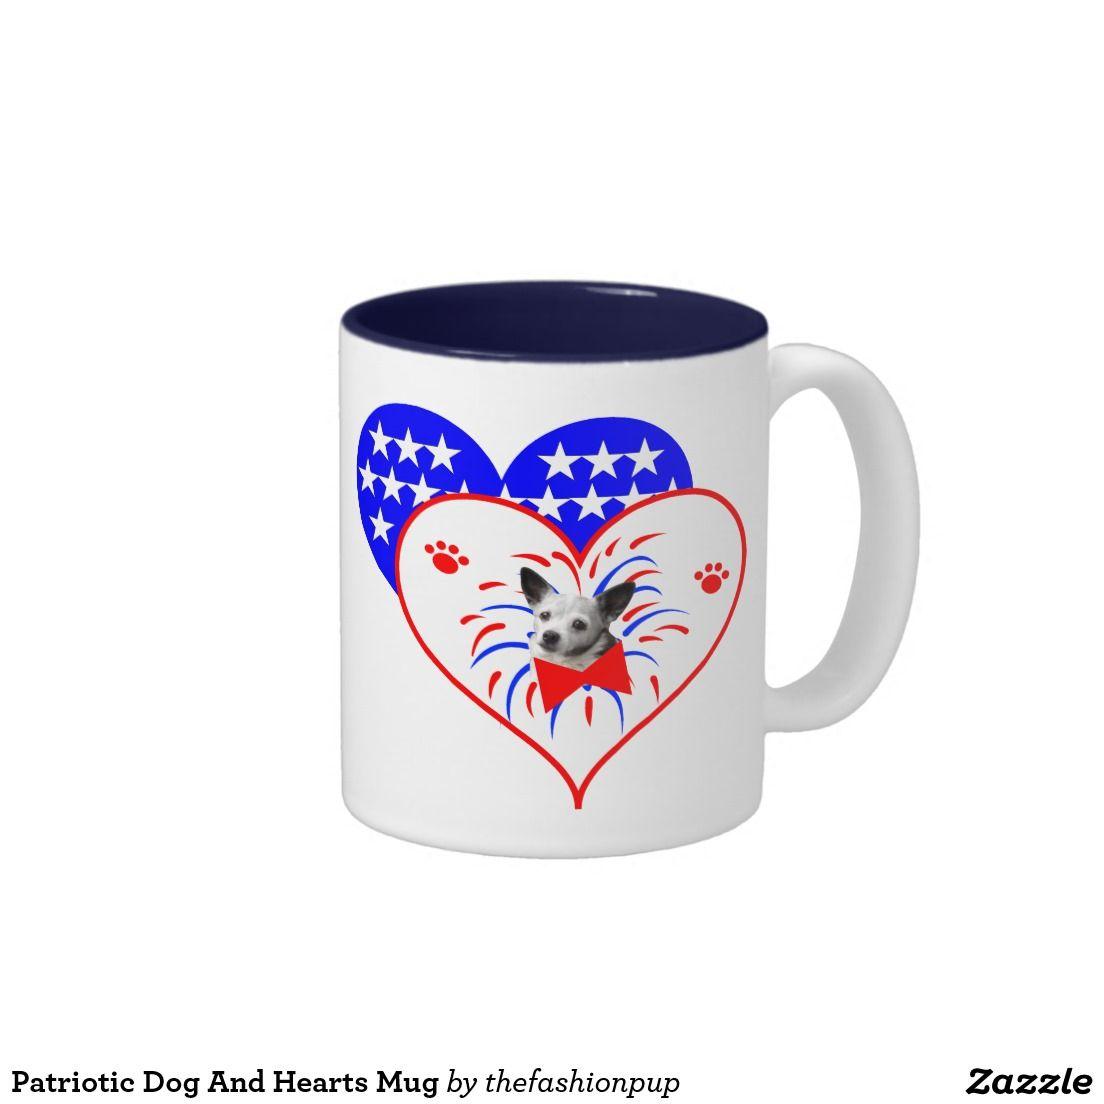 Patriotic Dog And Hearts Mug